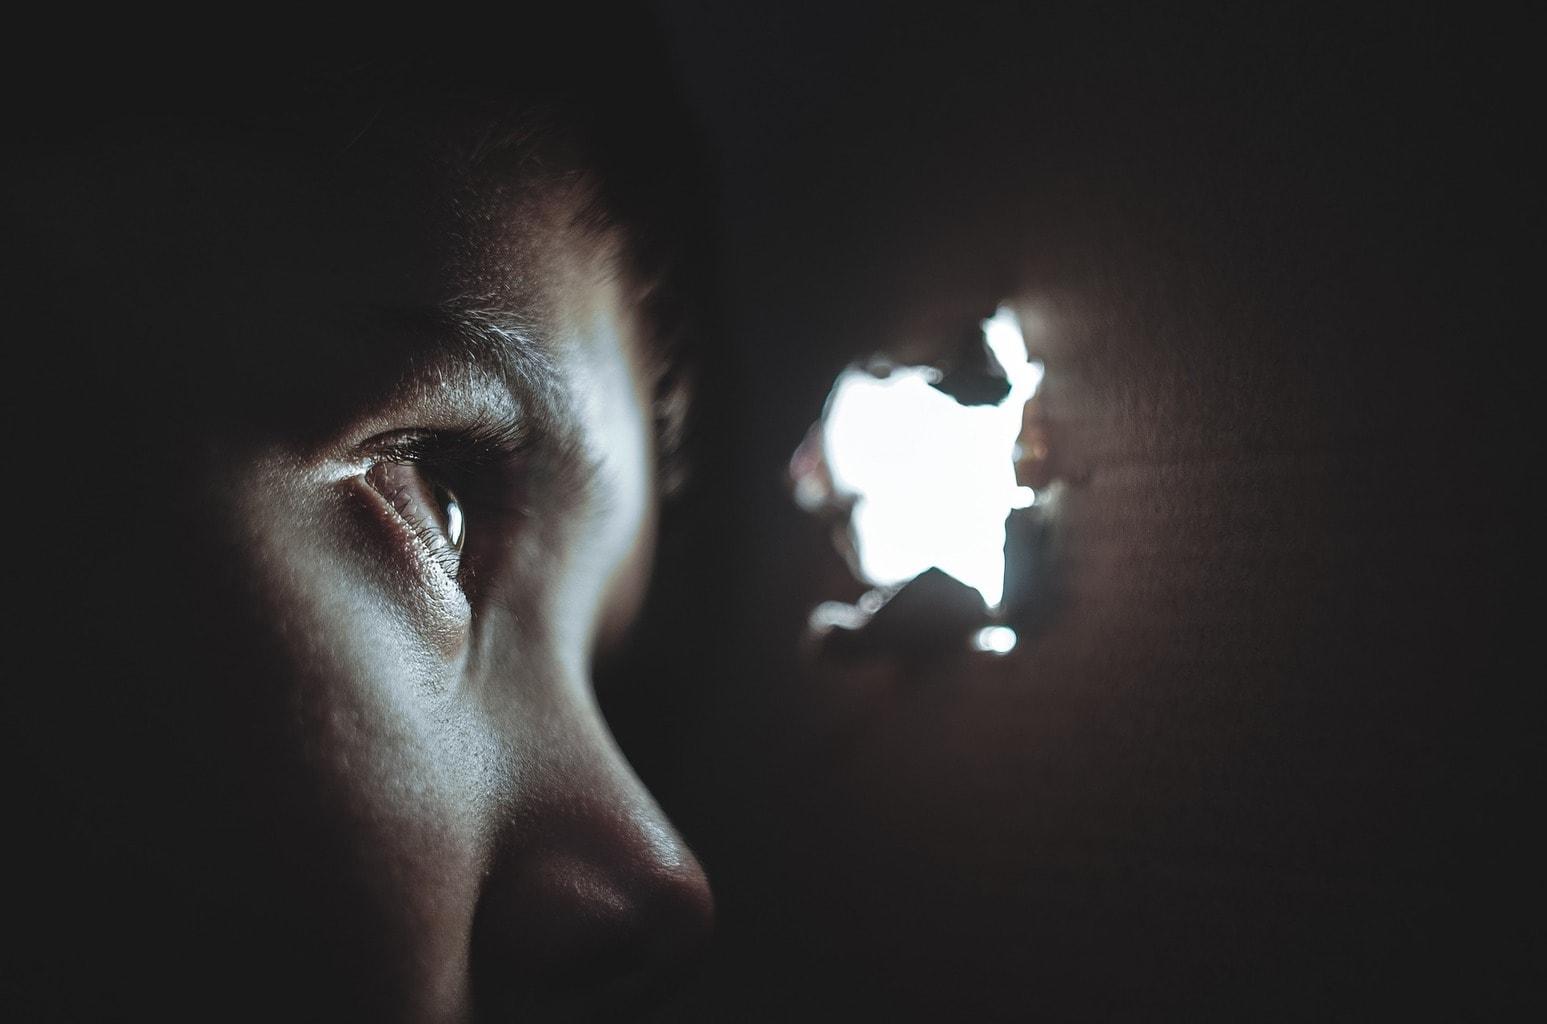 fotografía de un niño mirando por un agujero